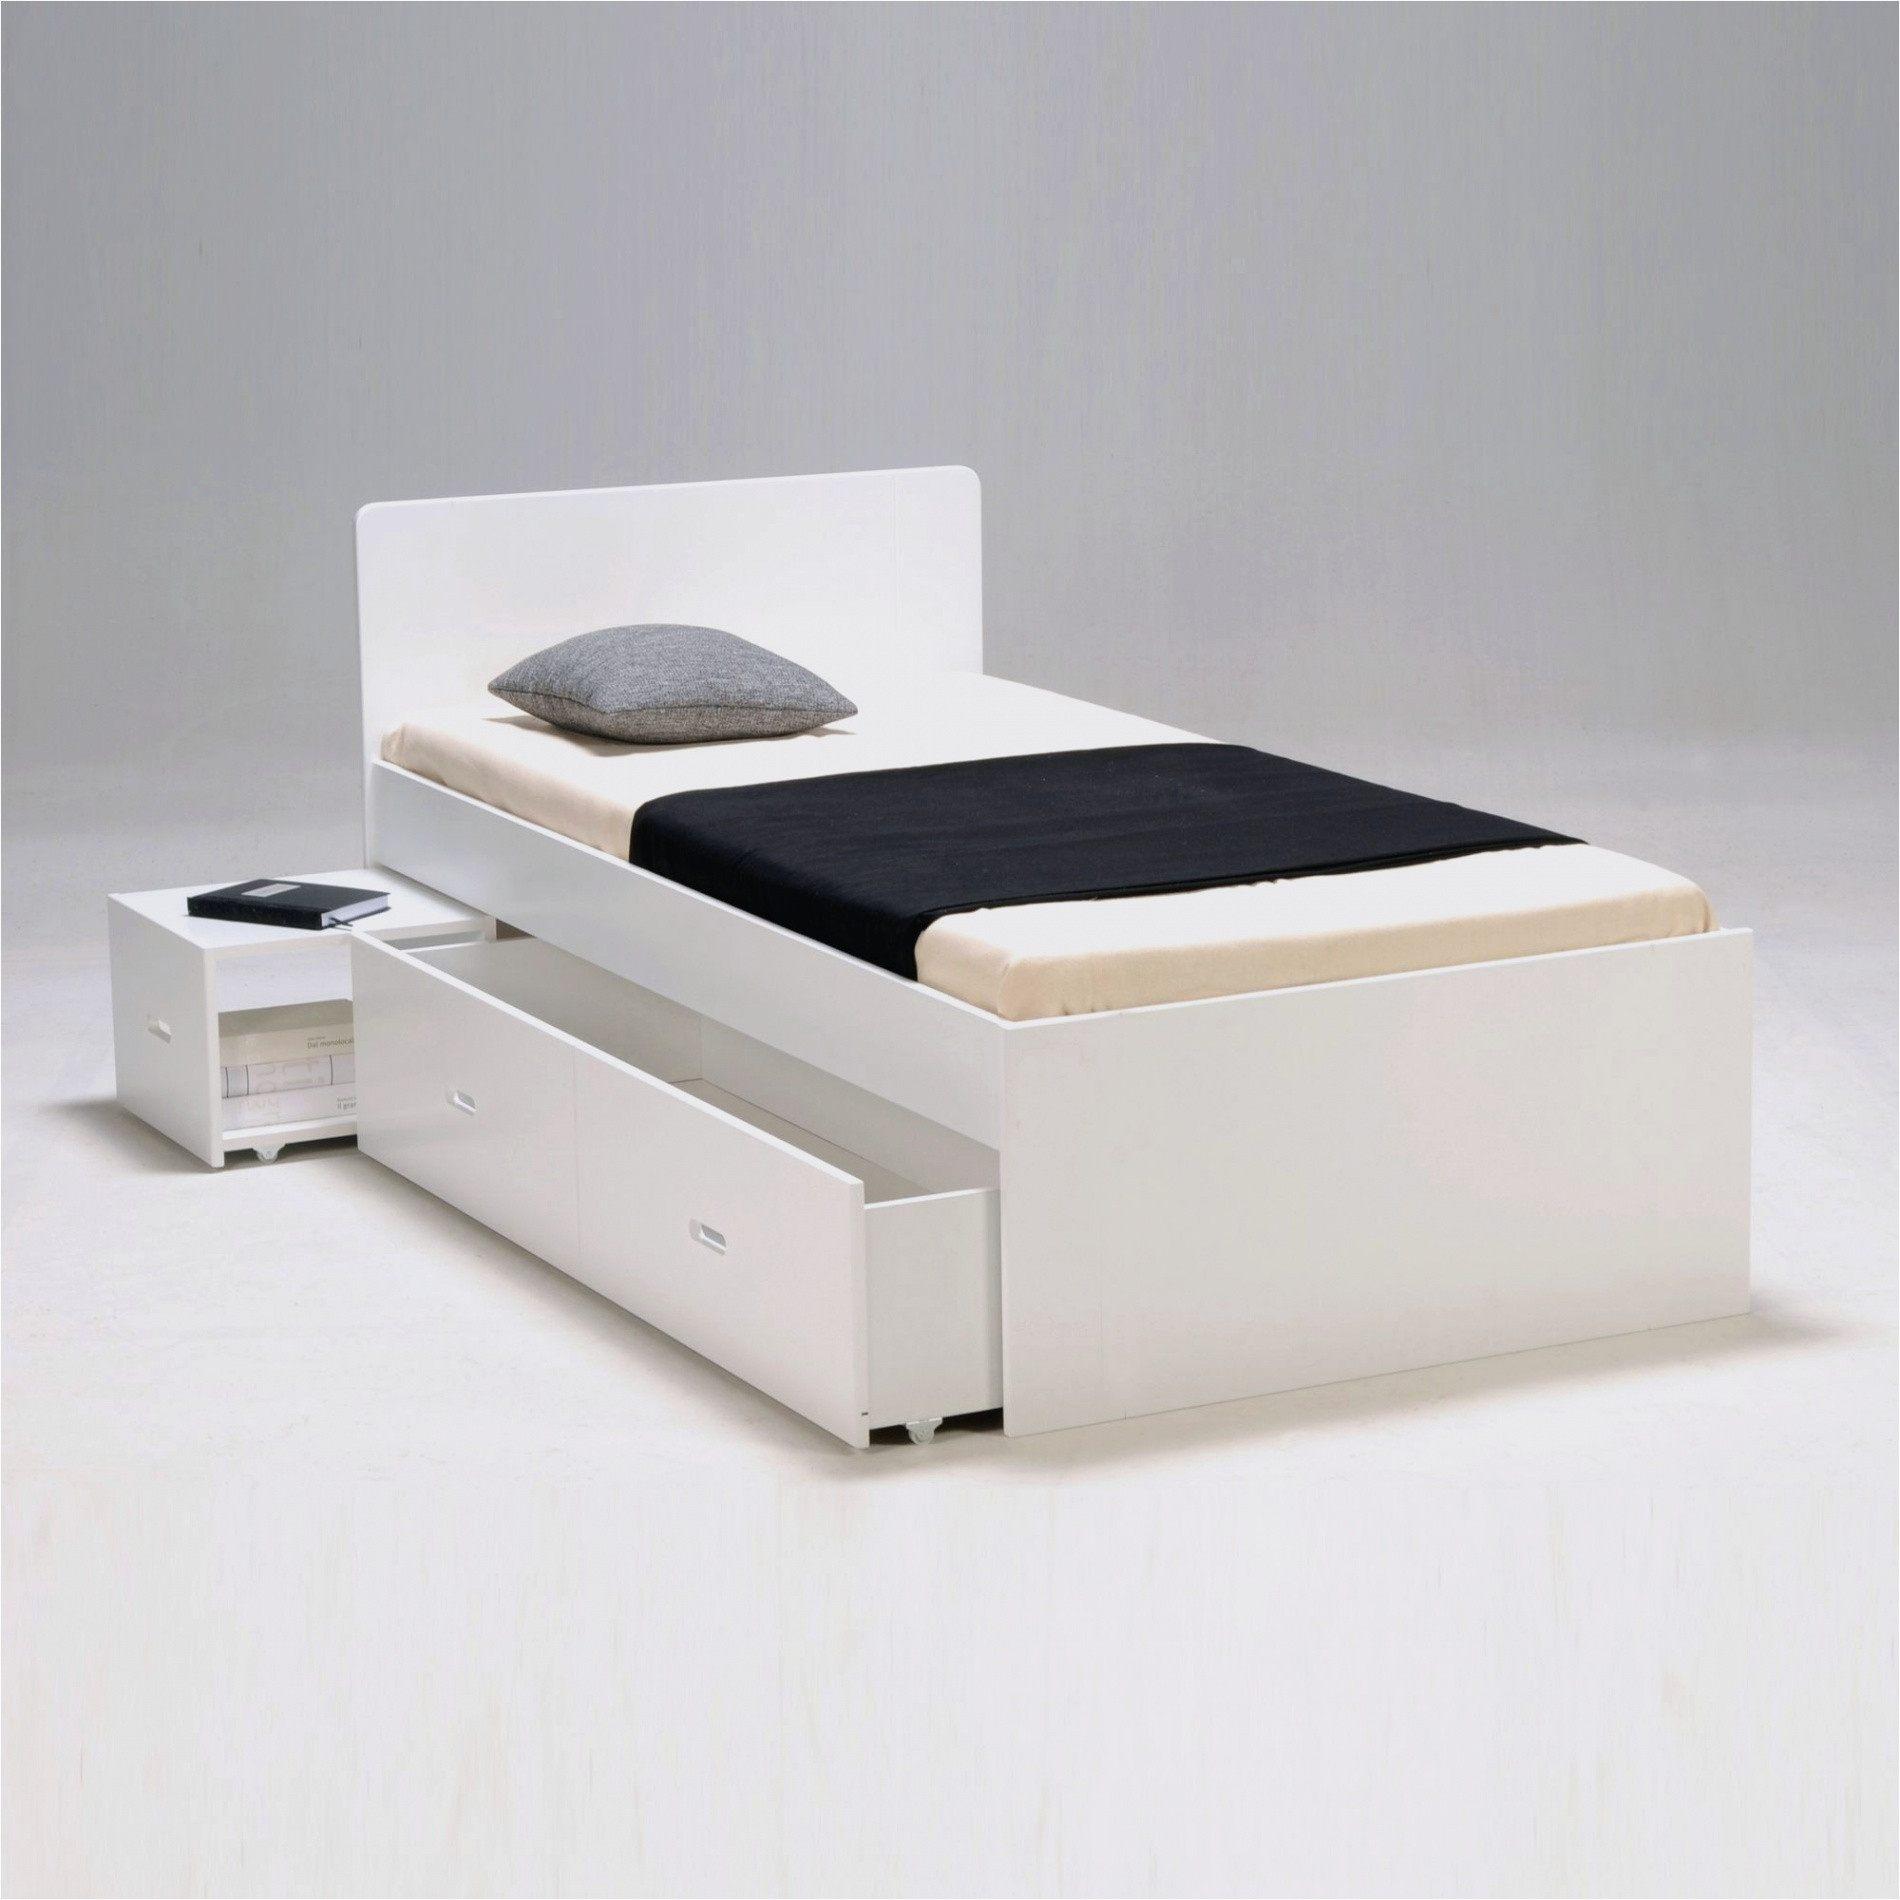 Lit Une Place Avec Rangement Bel sommier 2 Places Lit Avec Rangement Meilleur De sommier Ikea 140—190